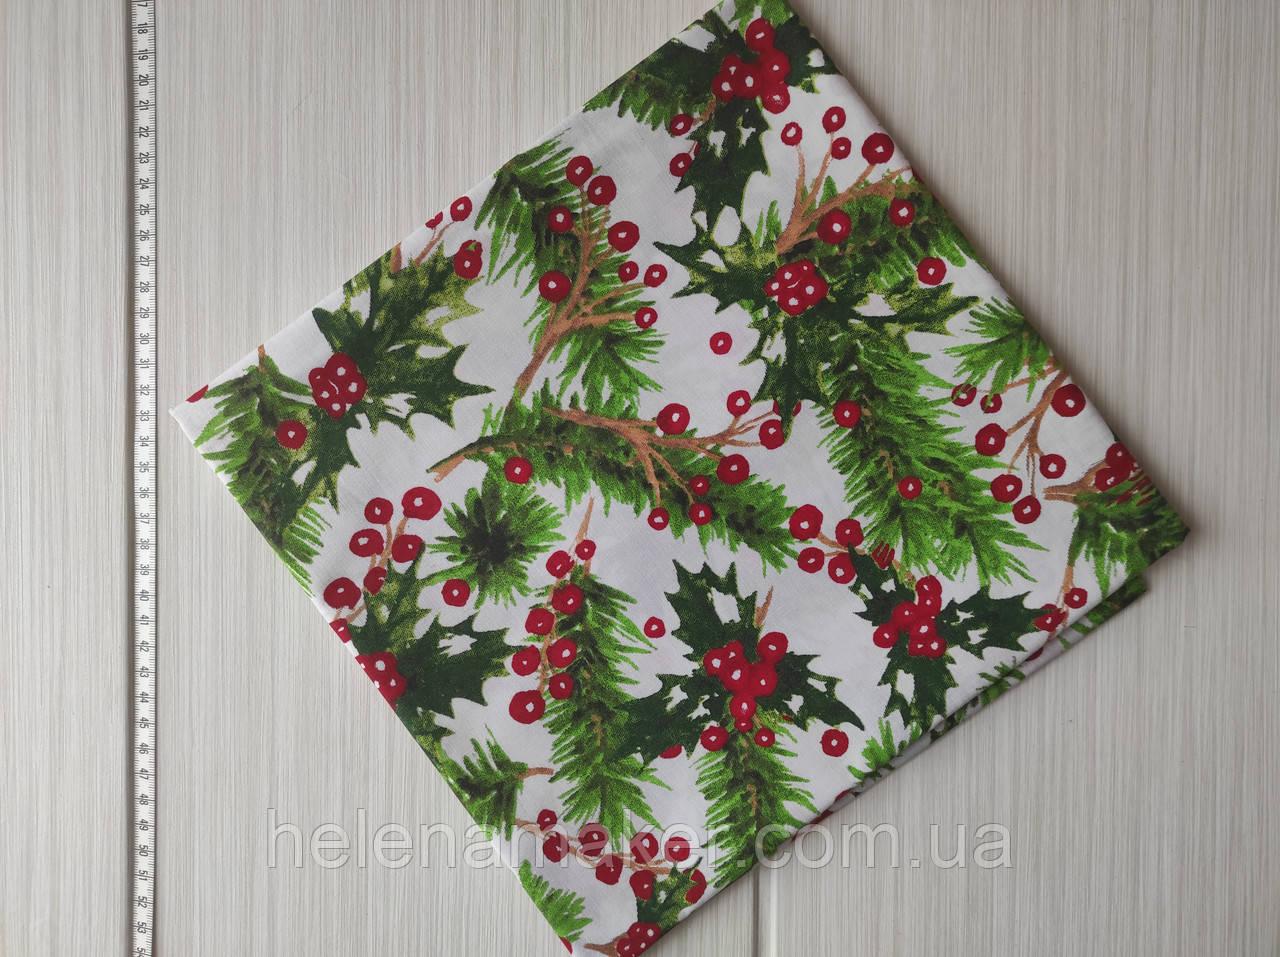 Отрез новогоднего хлопка Веточки омелы и хвои 50*50 см